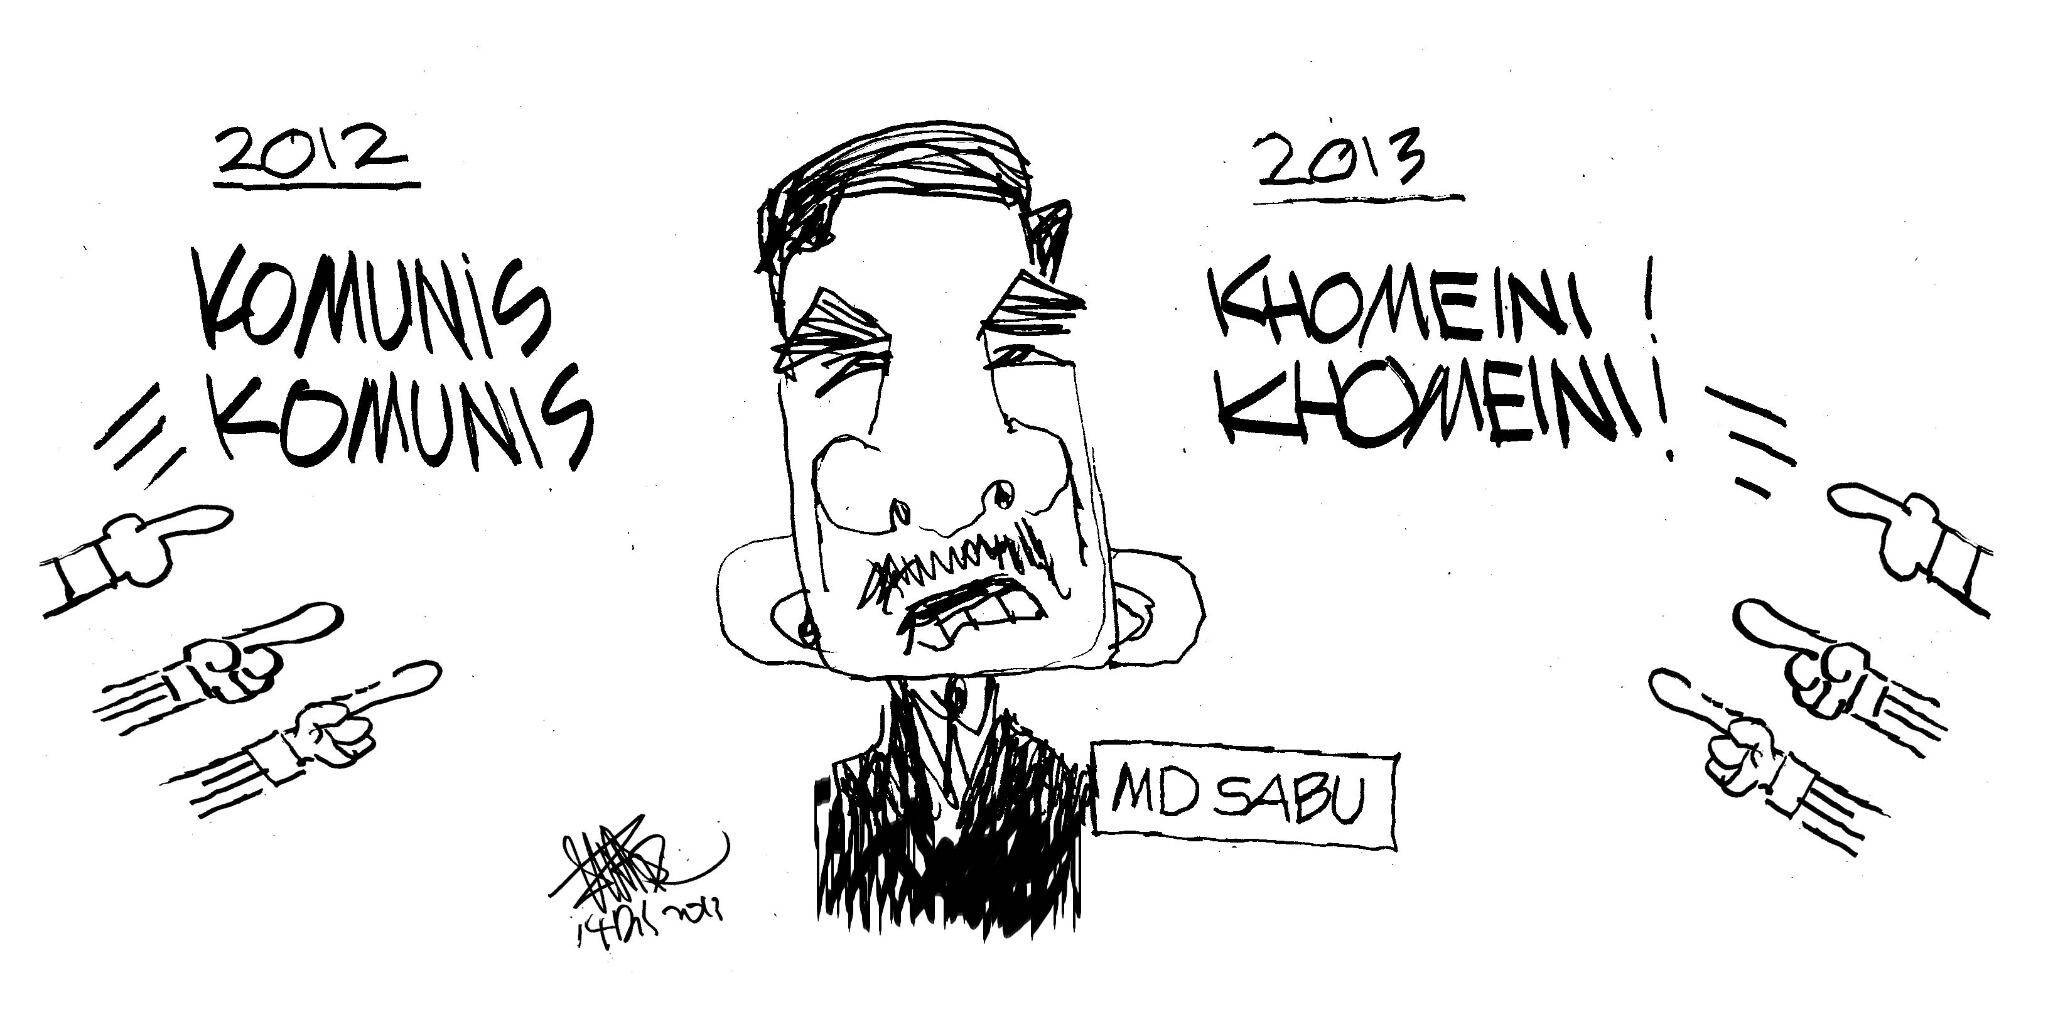 Kartun Zunar: Conteng2 sokongan moral kpd Md Sabu yg tabah http://t.co/SpNoFyG9IX